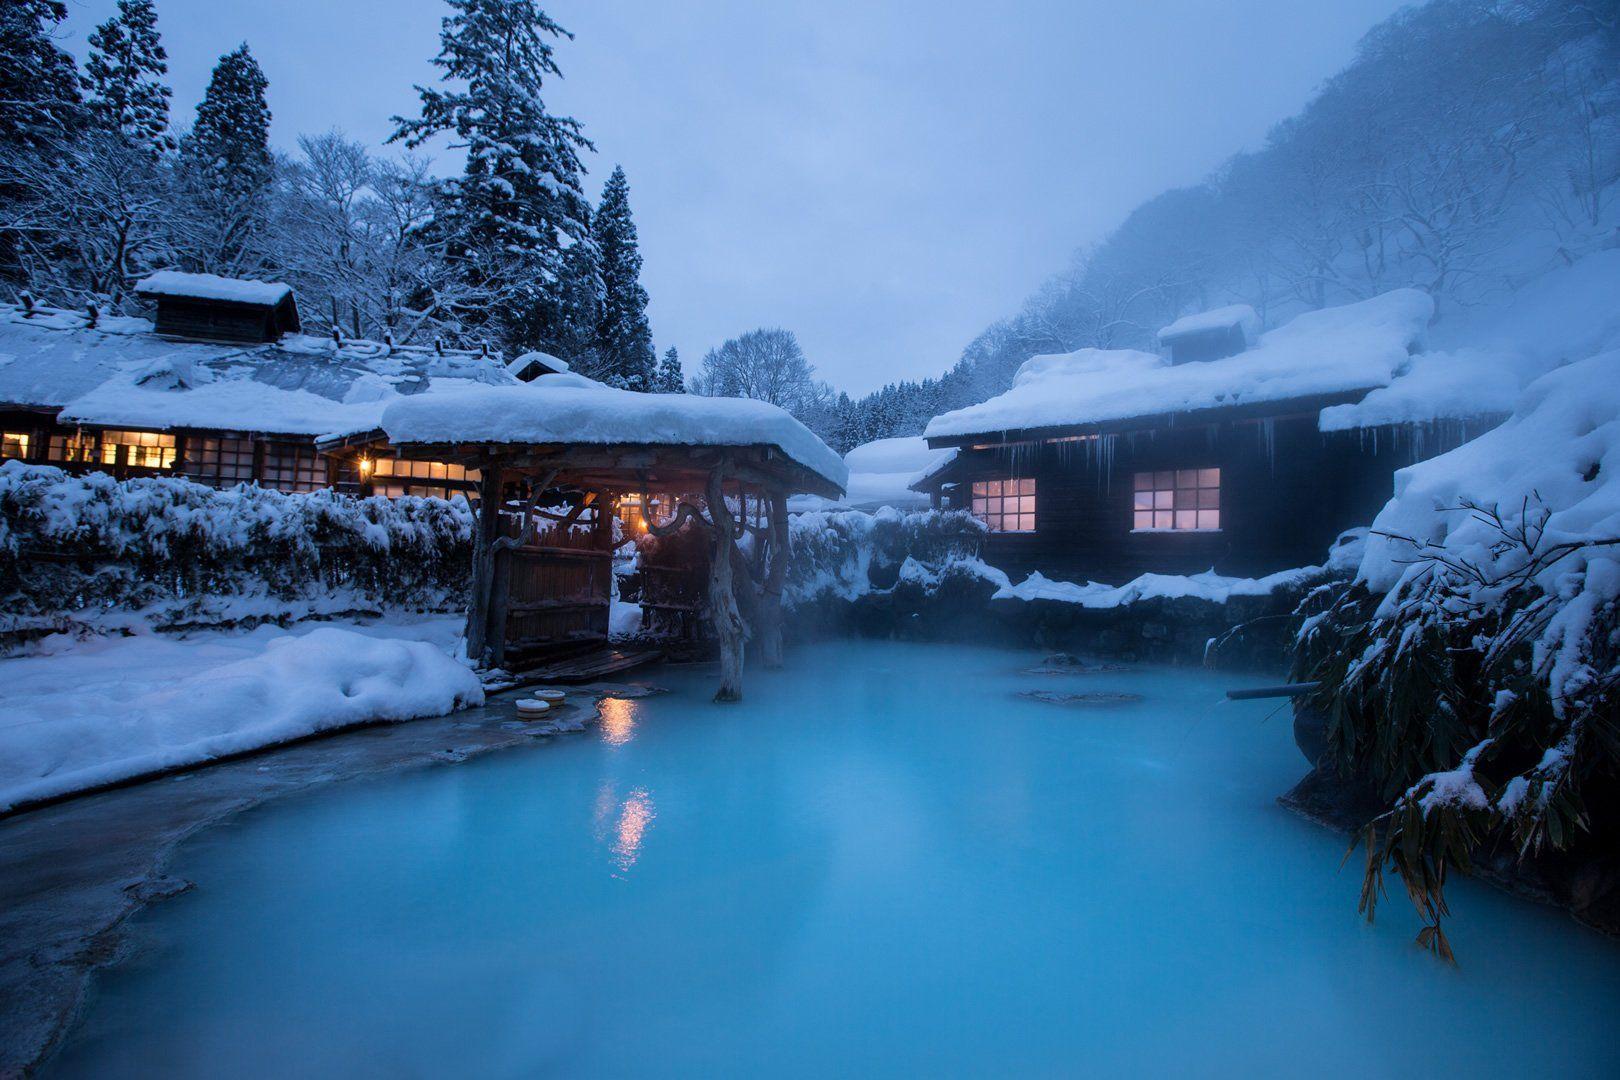 秋田県の温泉おすすめランキング・トップ15!宿や日帰りの人気を厳選!